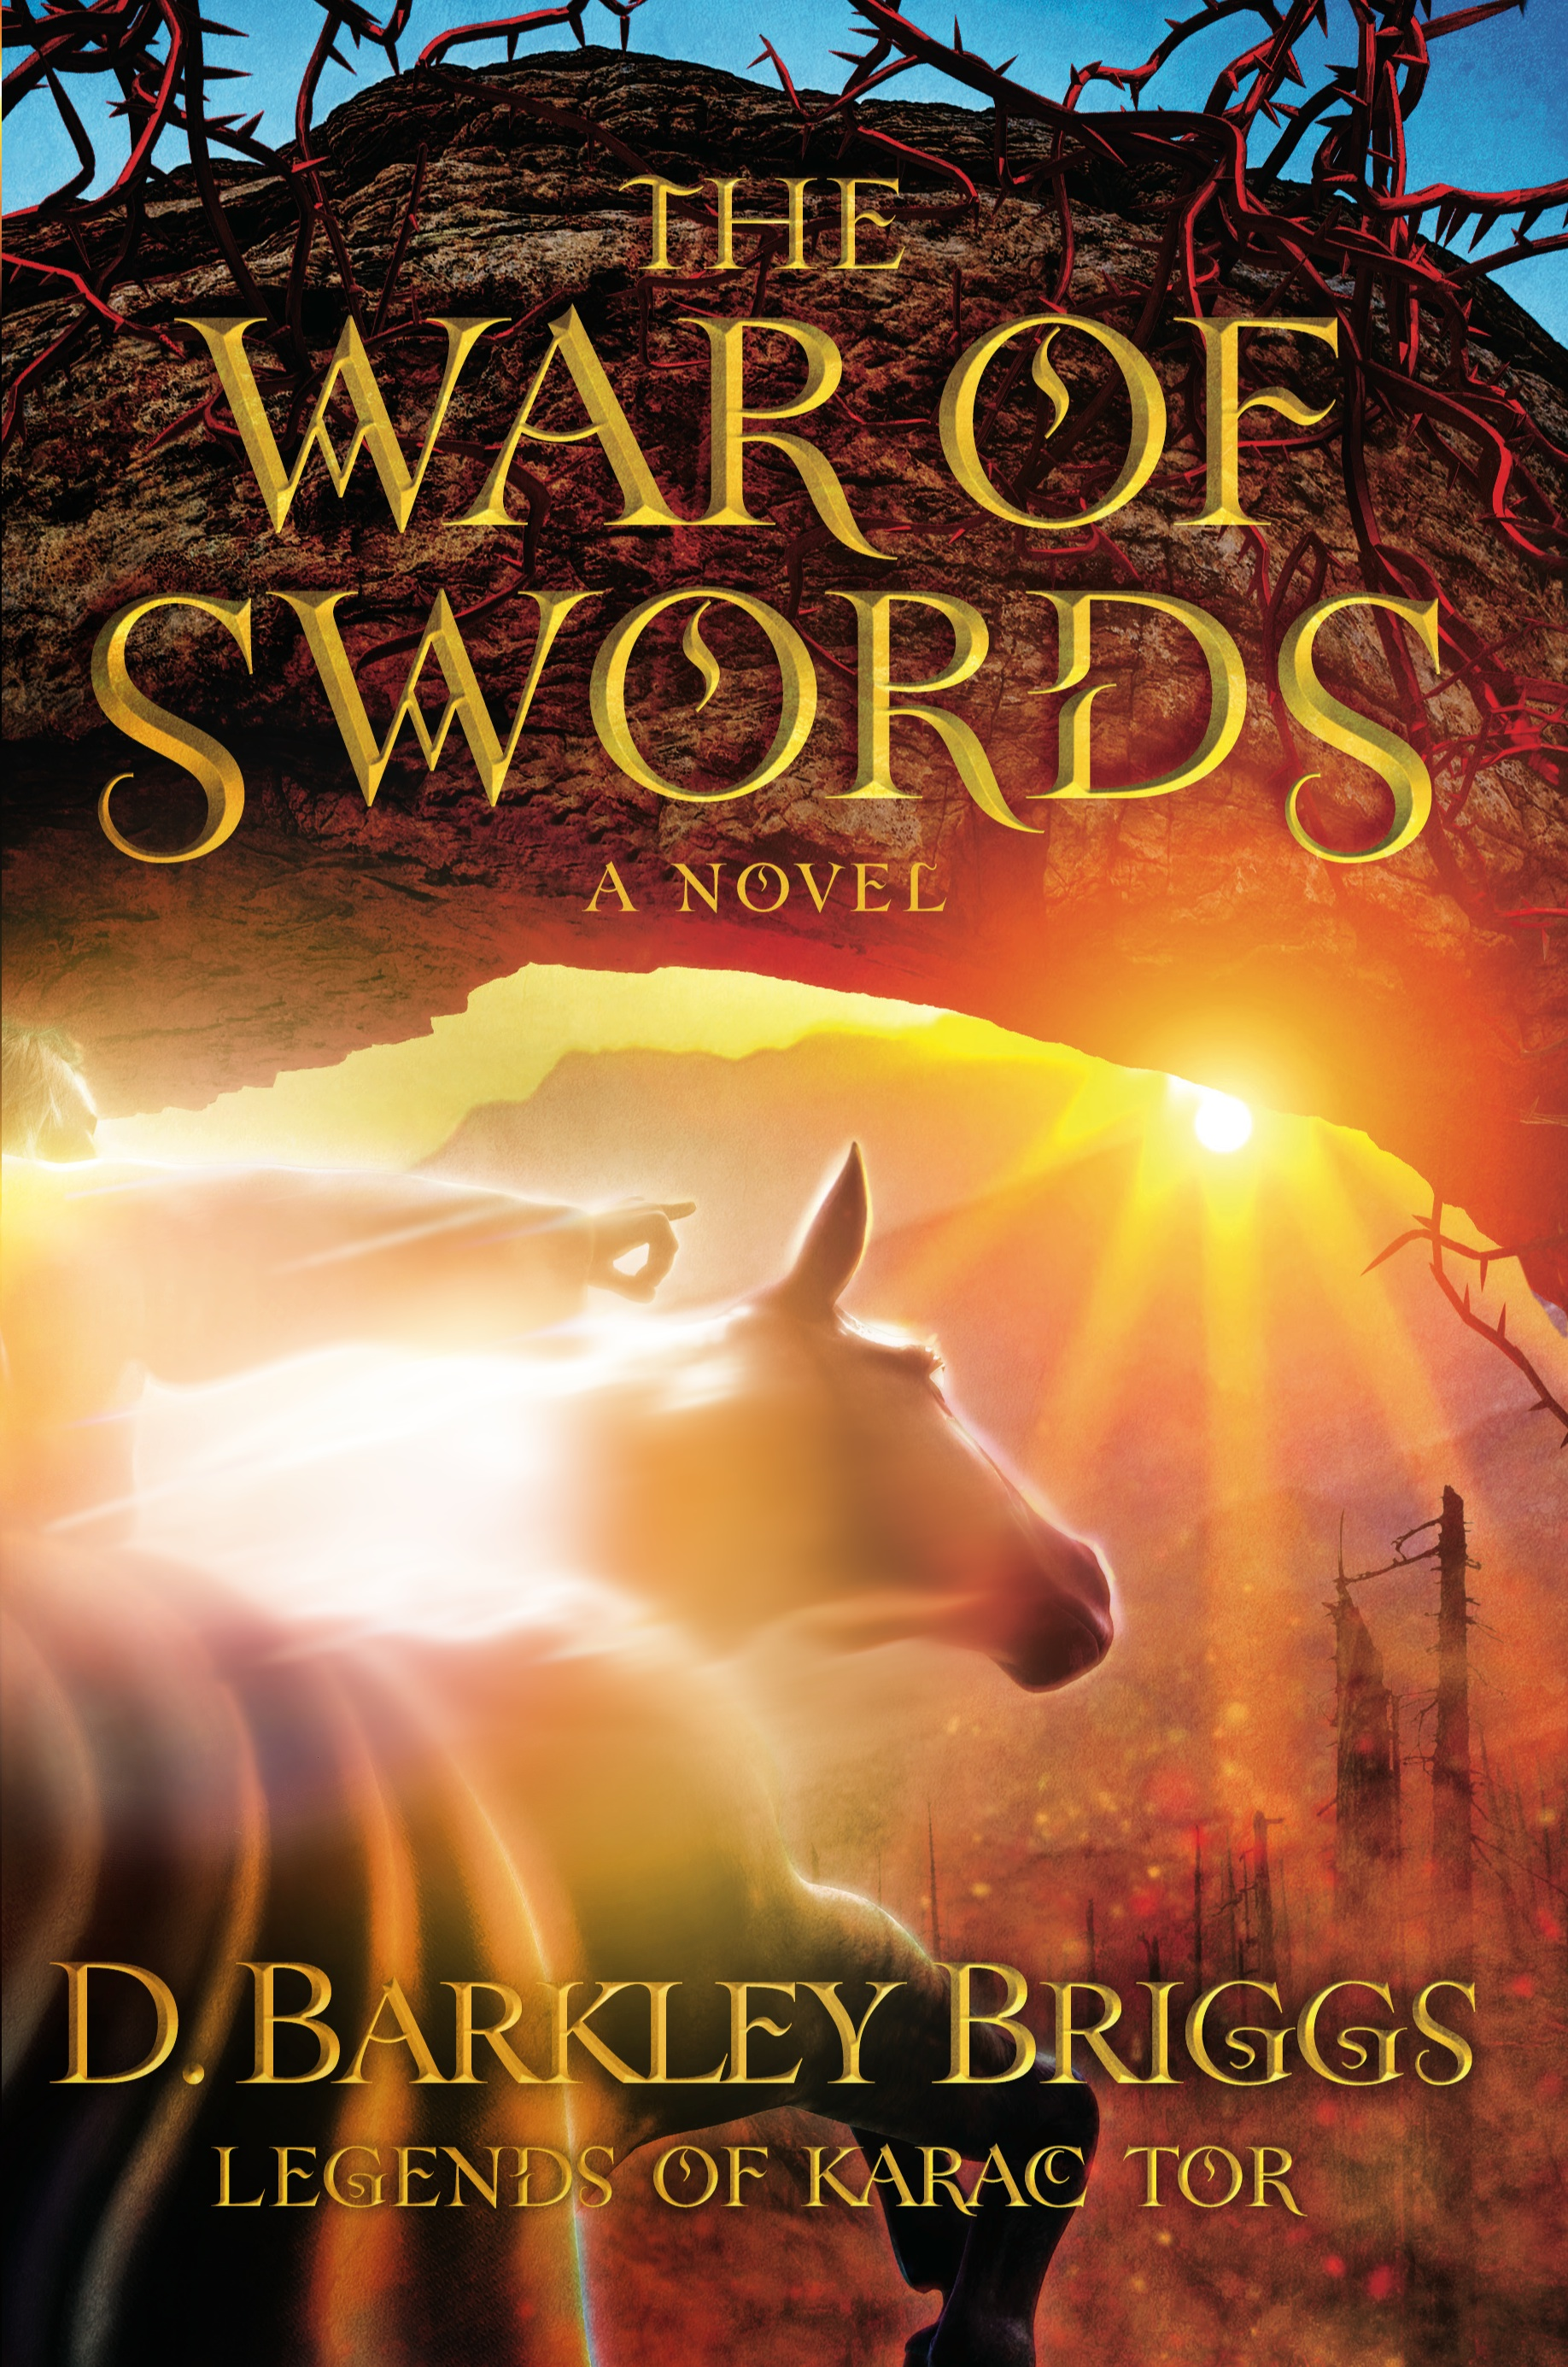 War of Swords